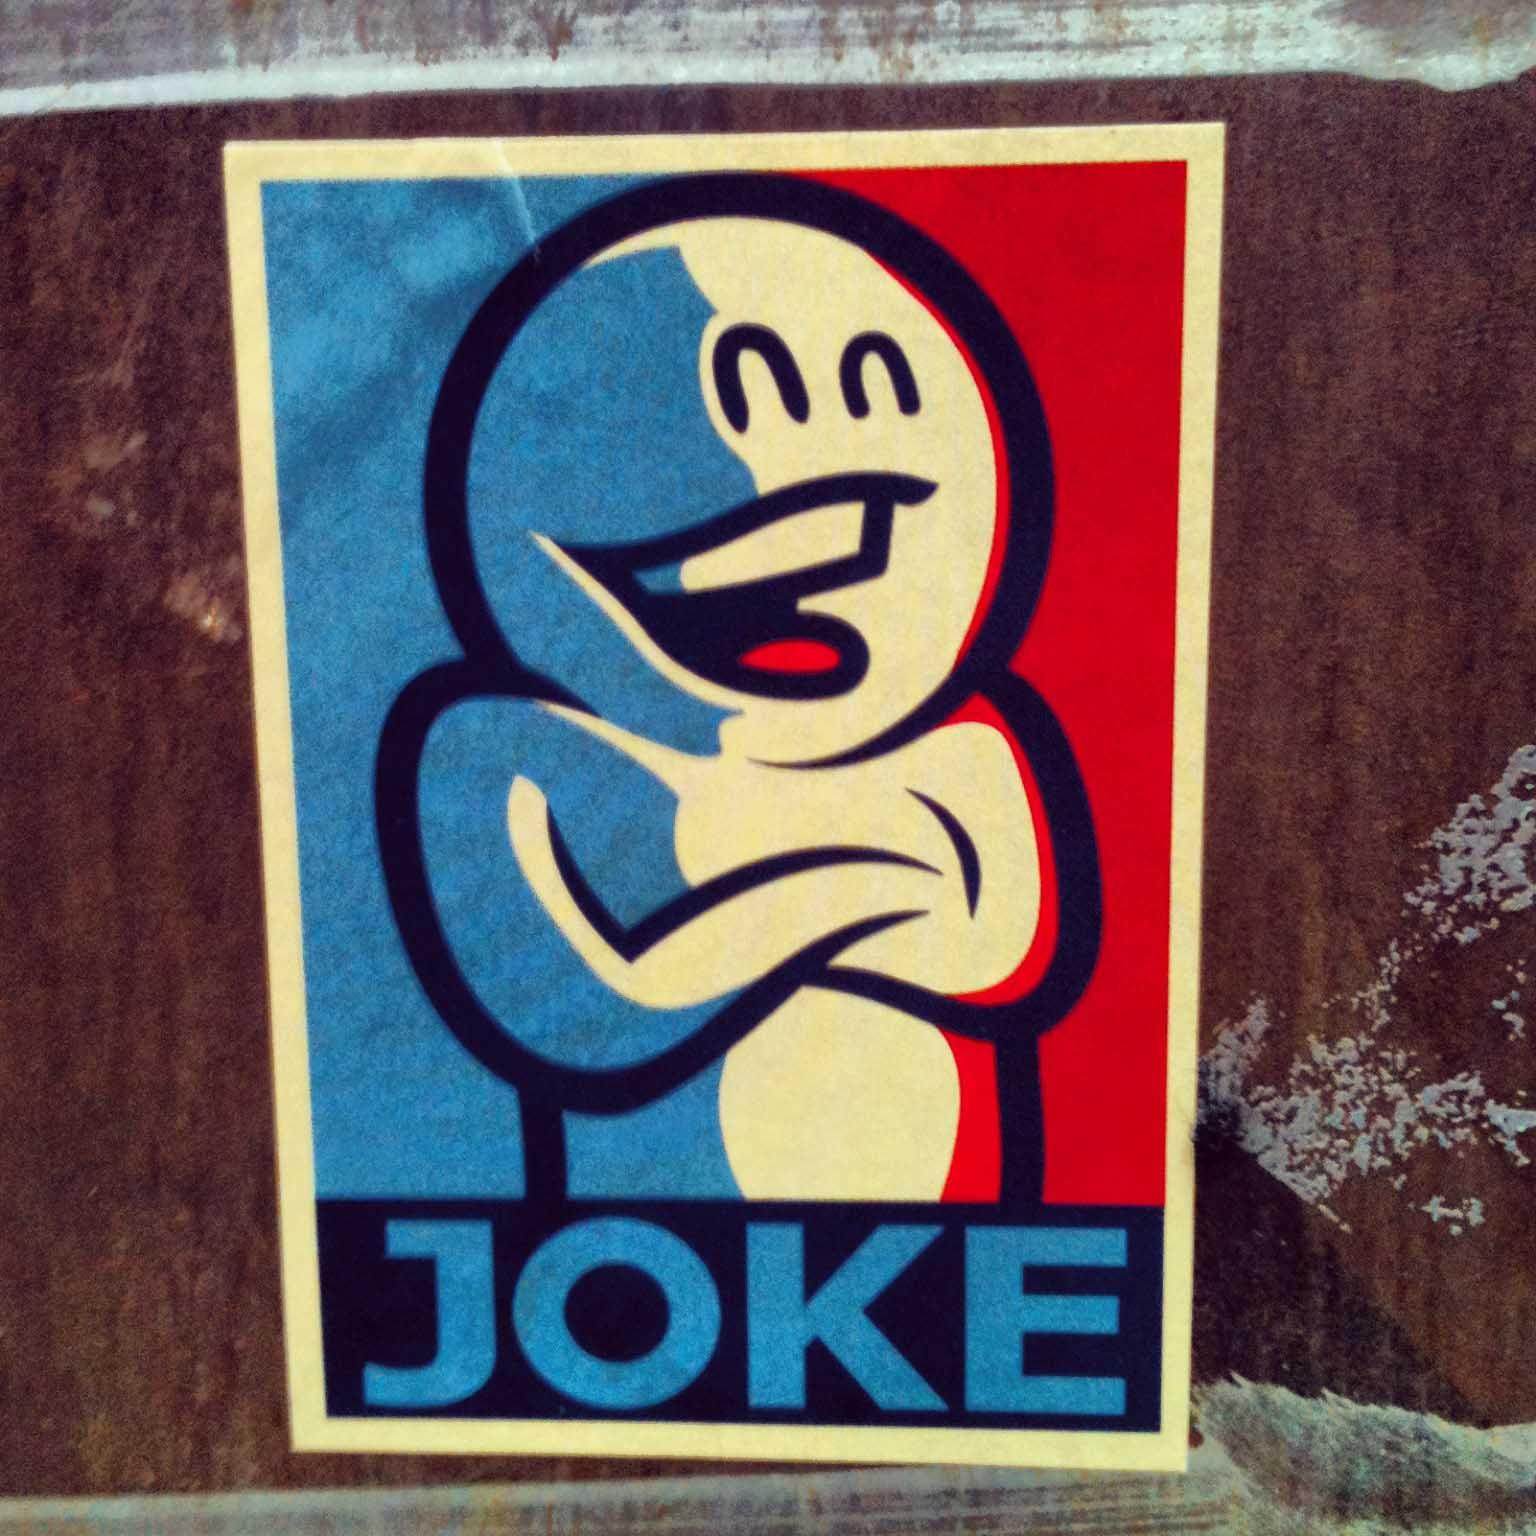 Prost - Joke Sticker - a twist on the Shepard Fairey Obama Hope poster by Mein Lieber Prost in Berlin